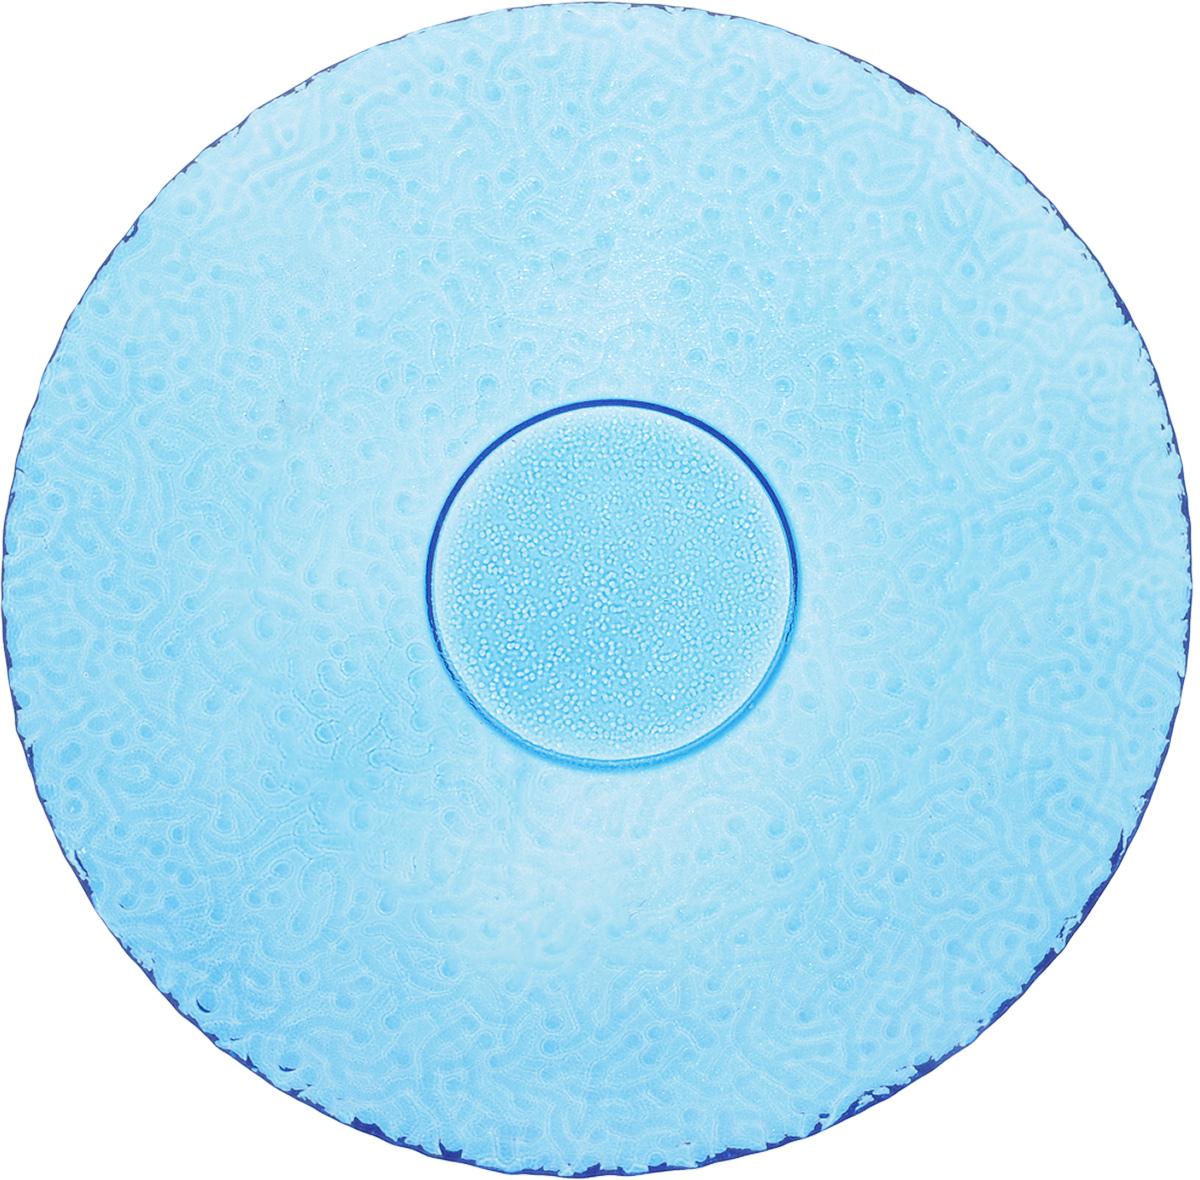 Тарелка NiNaGlass Ажур, цвет: голубой, диаметр 21 смFS-91909Тарелка NiNaGlass Ажур выполнена из высококачественного стекла и имеет рельефную поверхность. Она прекрасно впишется в интерьер вашей кухни и станет достойным дополнением к кухонному инвентарю. Тарелка NiNaGlass Ажур подчеркнет прекрасный вкус хозяйки и станет отличным подарком. Диаметр тарелки: 21 см. Высота: 2,5 см.